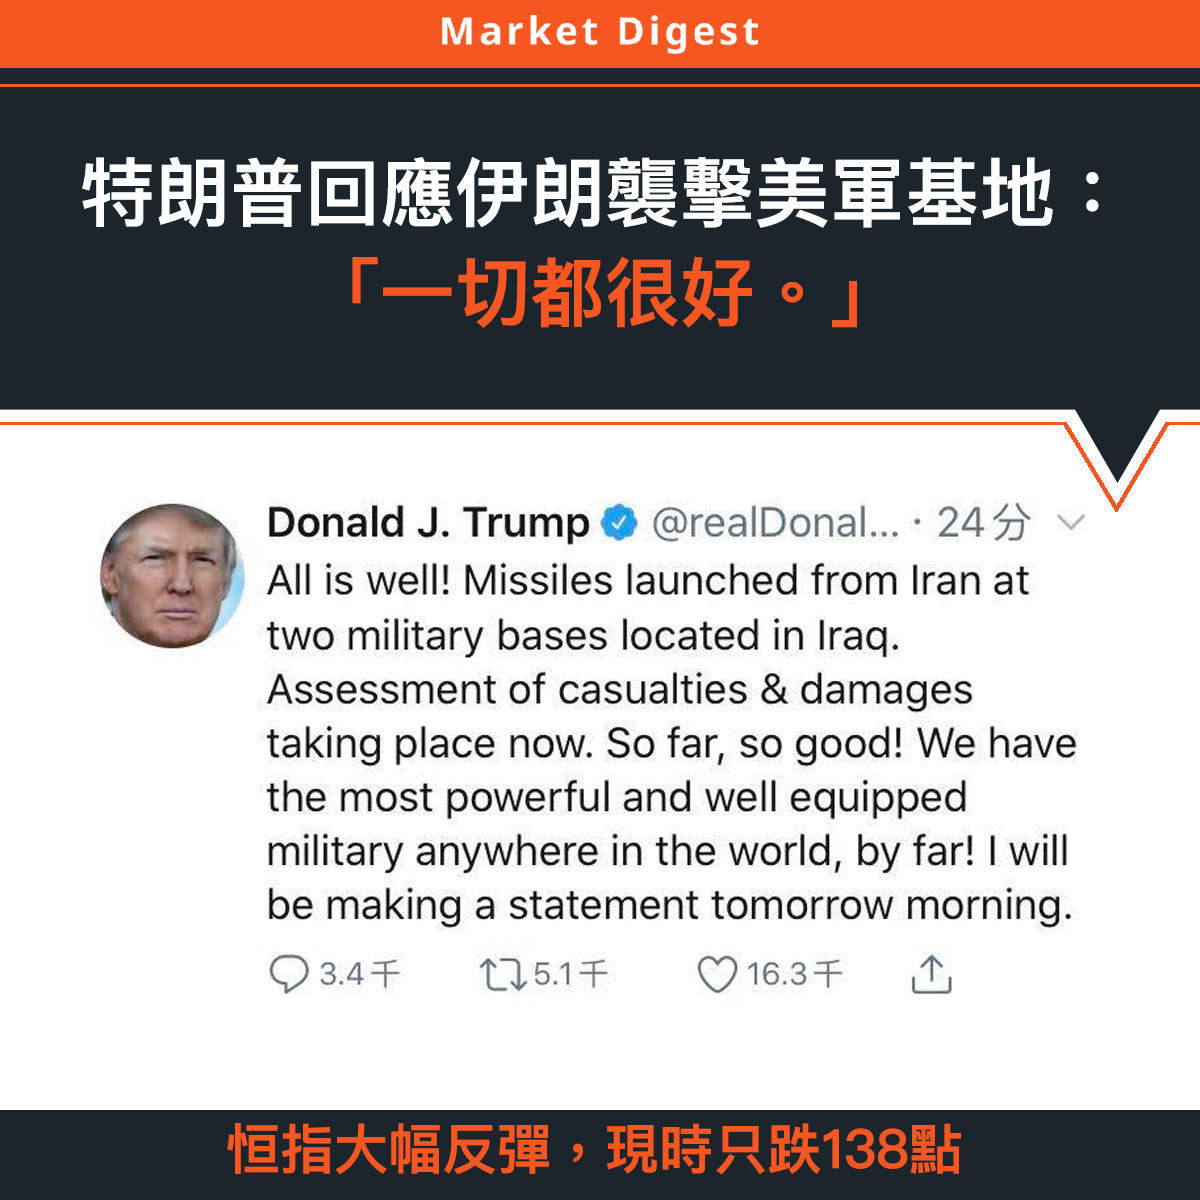 【市場熱話】特朗普回應伊朗襲擊美軍基地:「一切都很好。」